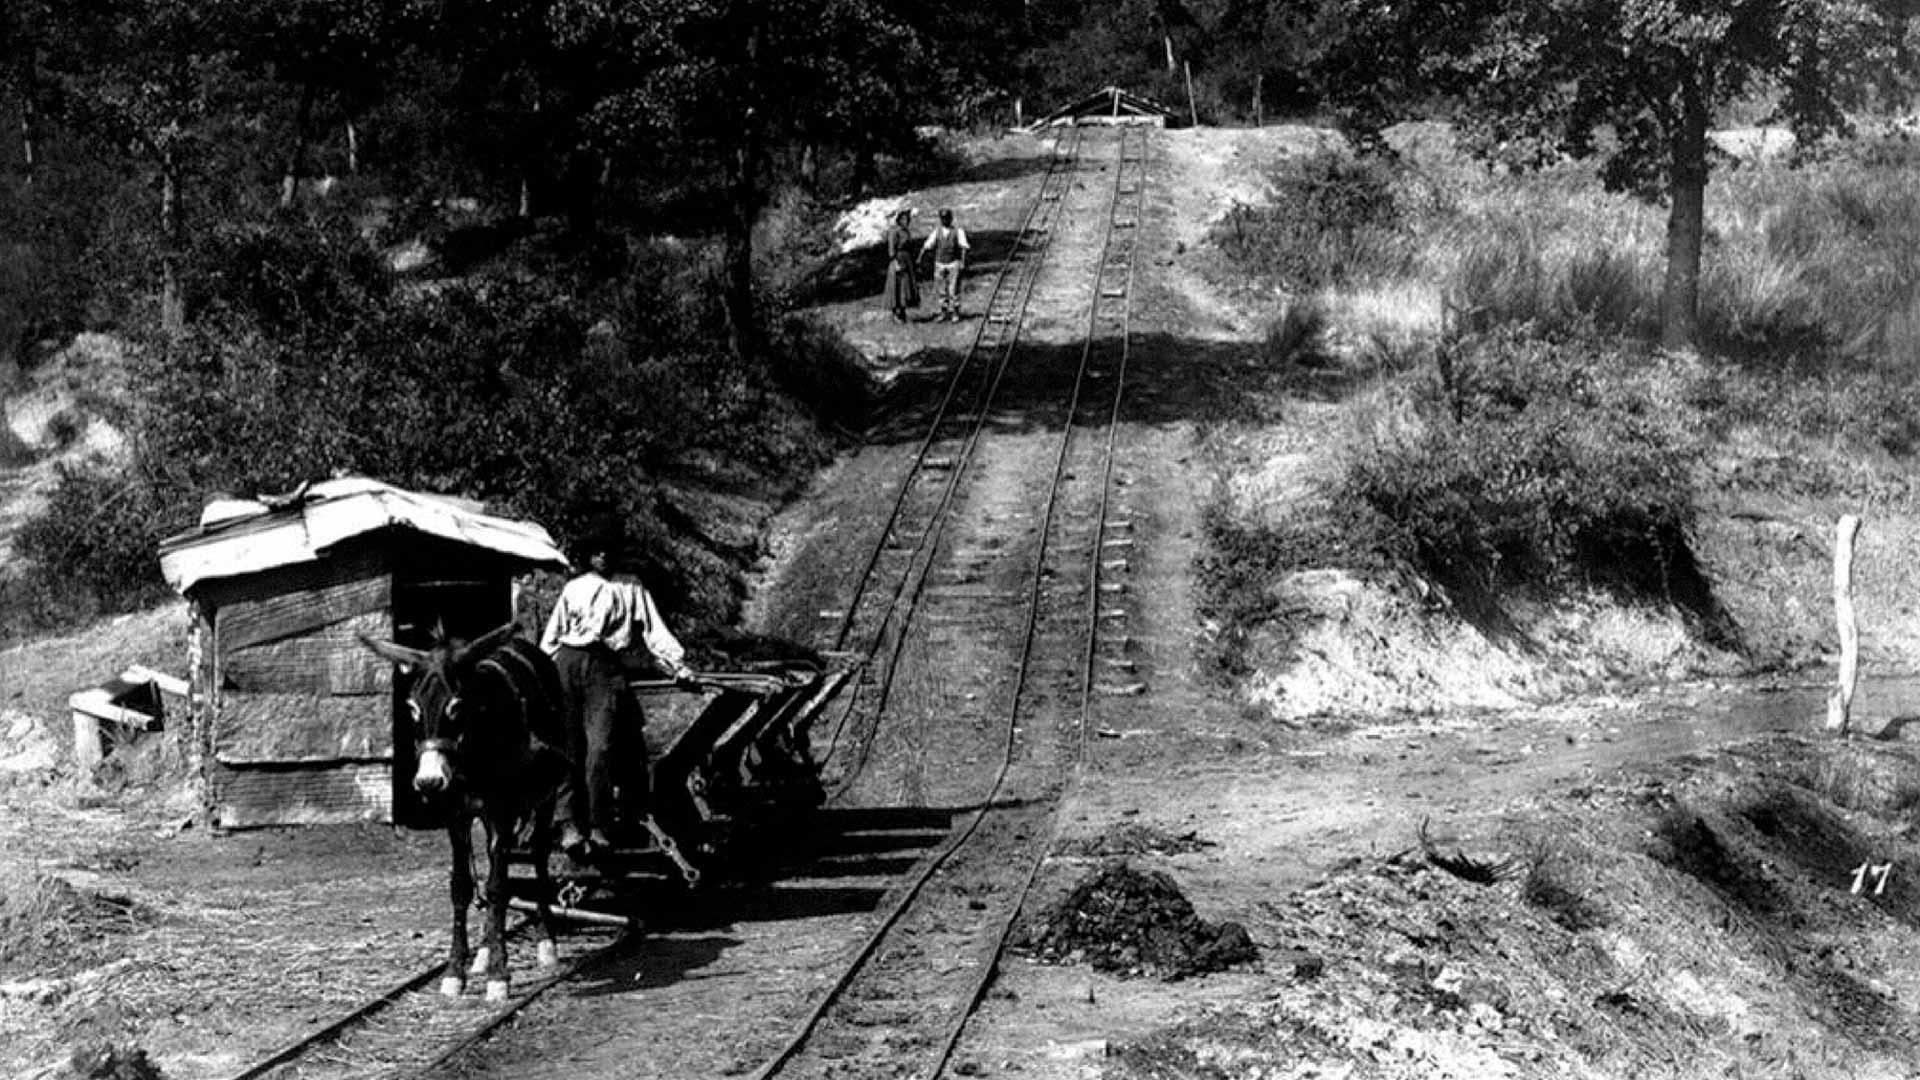 Recogida de carbón. Archivo fotográfico Alinari.